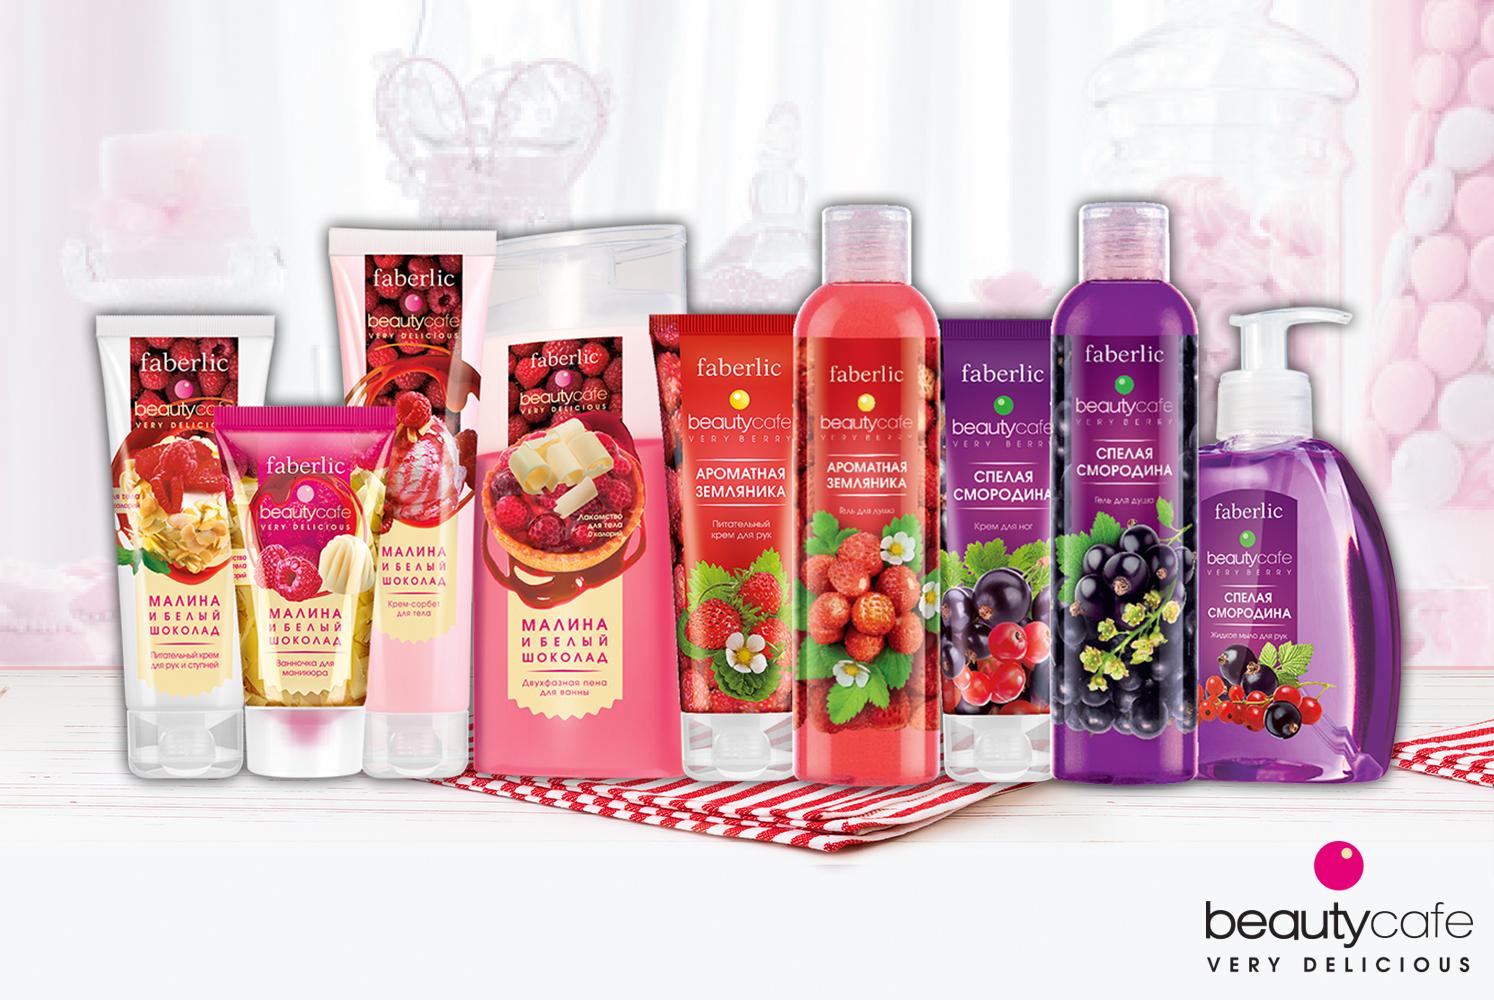 19-BeautyCafe-4-2016-akz